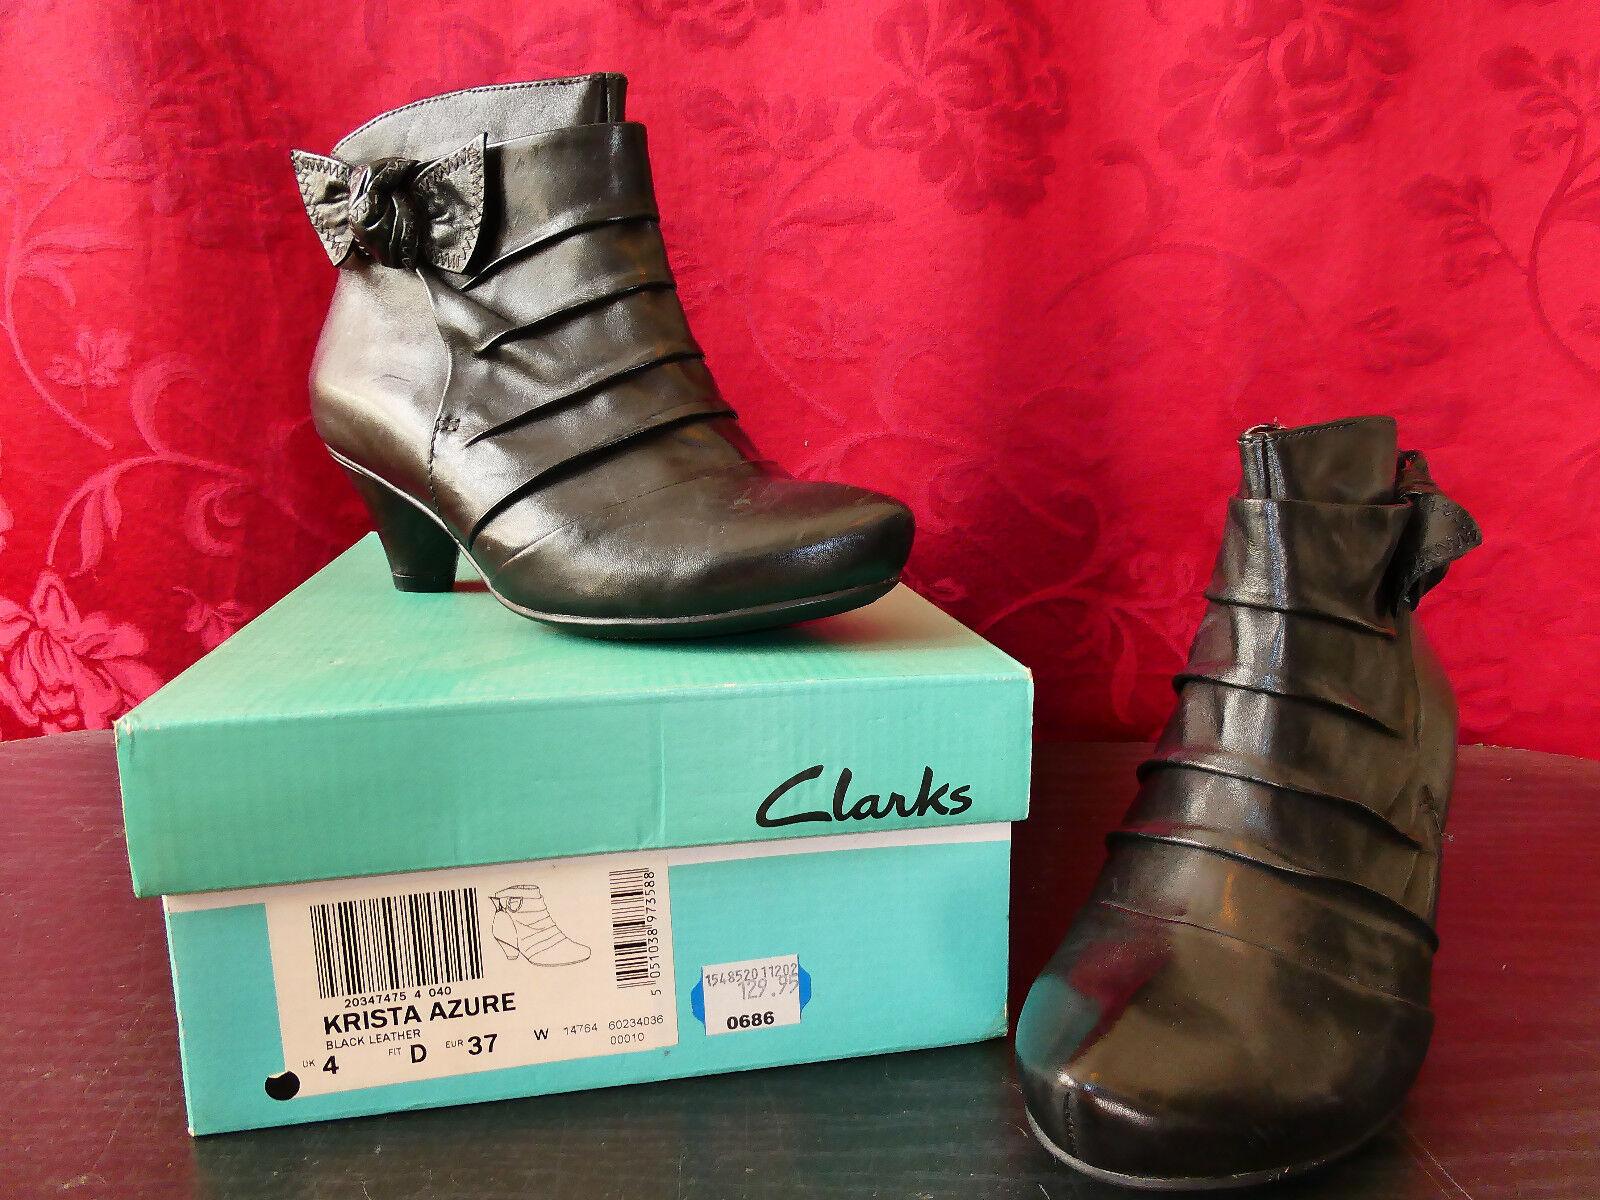 Clarks Damenschuhe/Stiefelette, Schwarz, Günstige und gute Schuhe